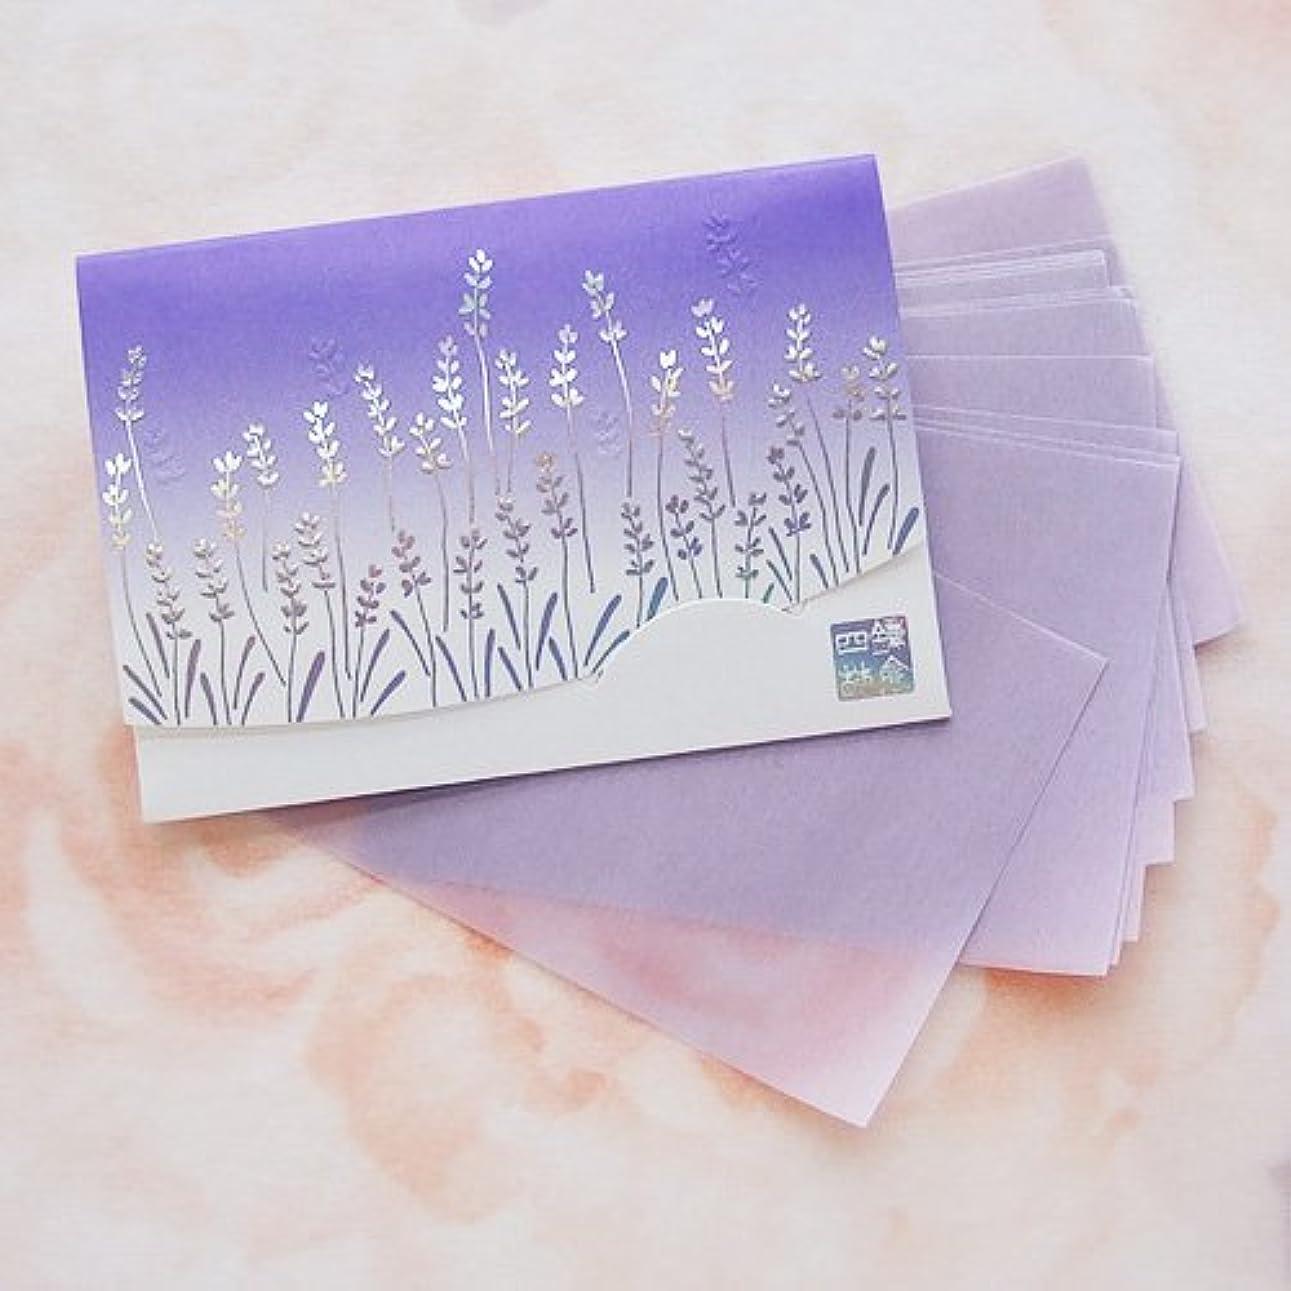 博物館タイヤ子供達鎌倉四葩のあぶらとり紙 きらめき香りラベンダー 短冊サイズ 20枚入